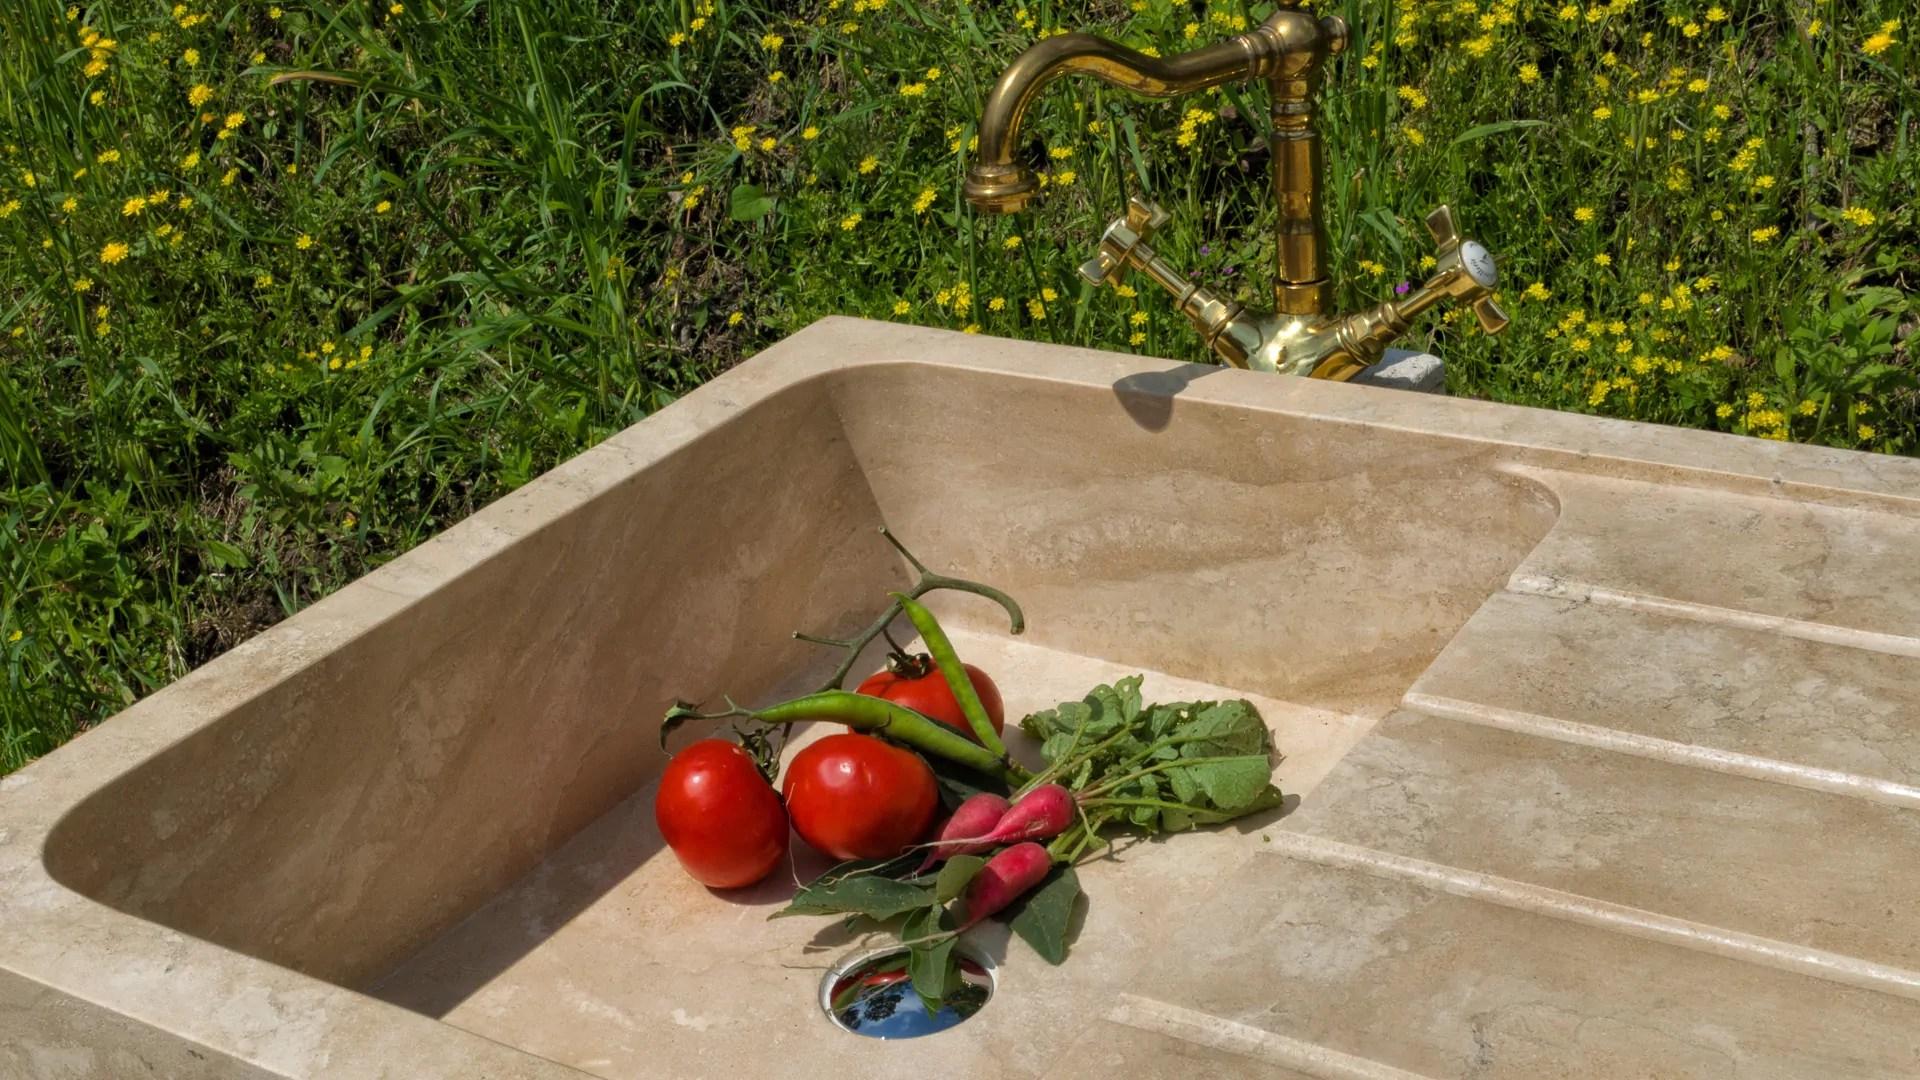 Outdoorküche Mit Spüle Ikea : Spülbecken küche naturstein ikea küche schrank 20 cm outdoor küche